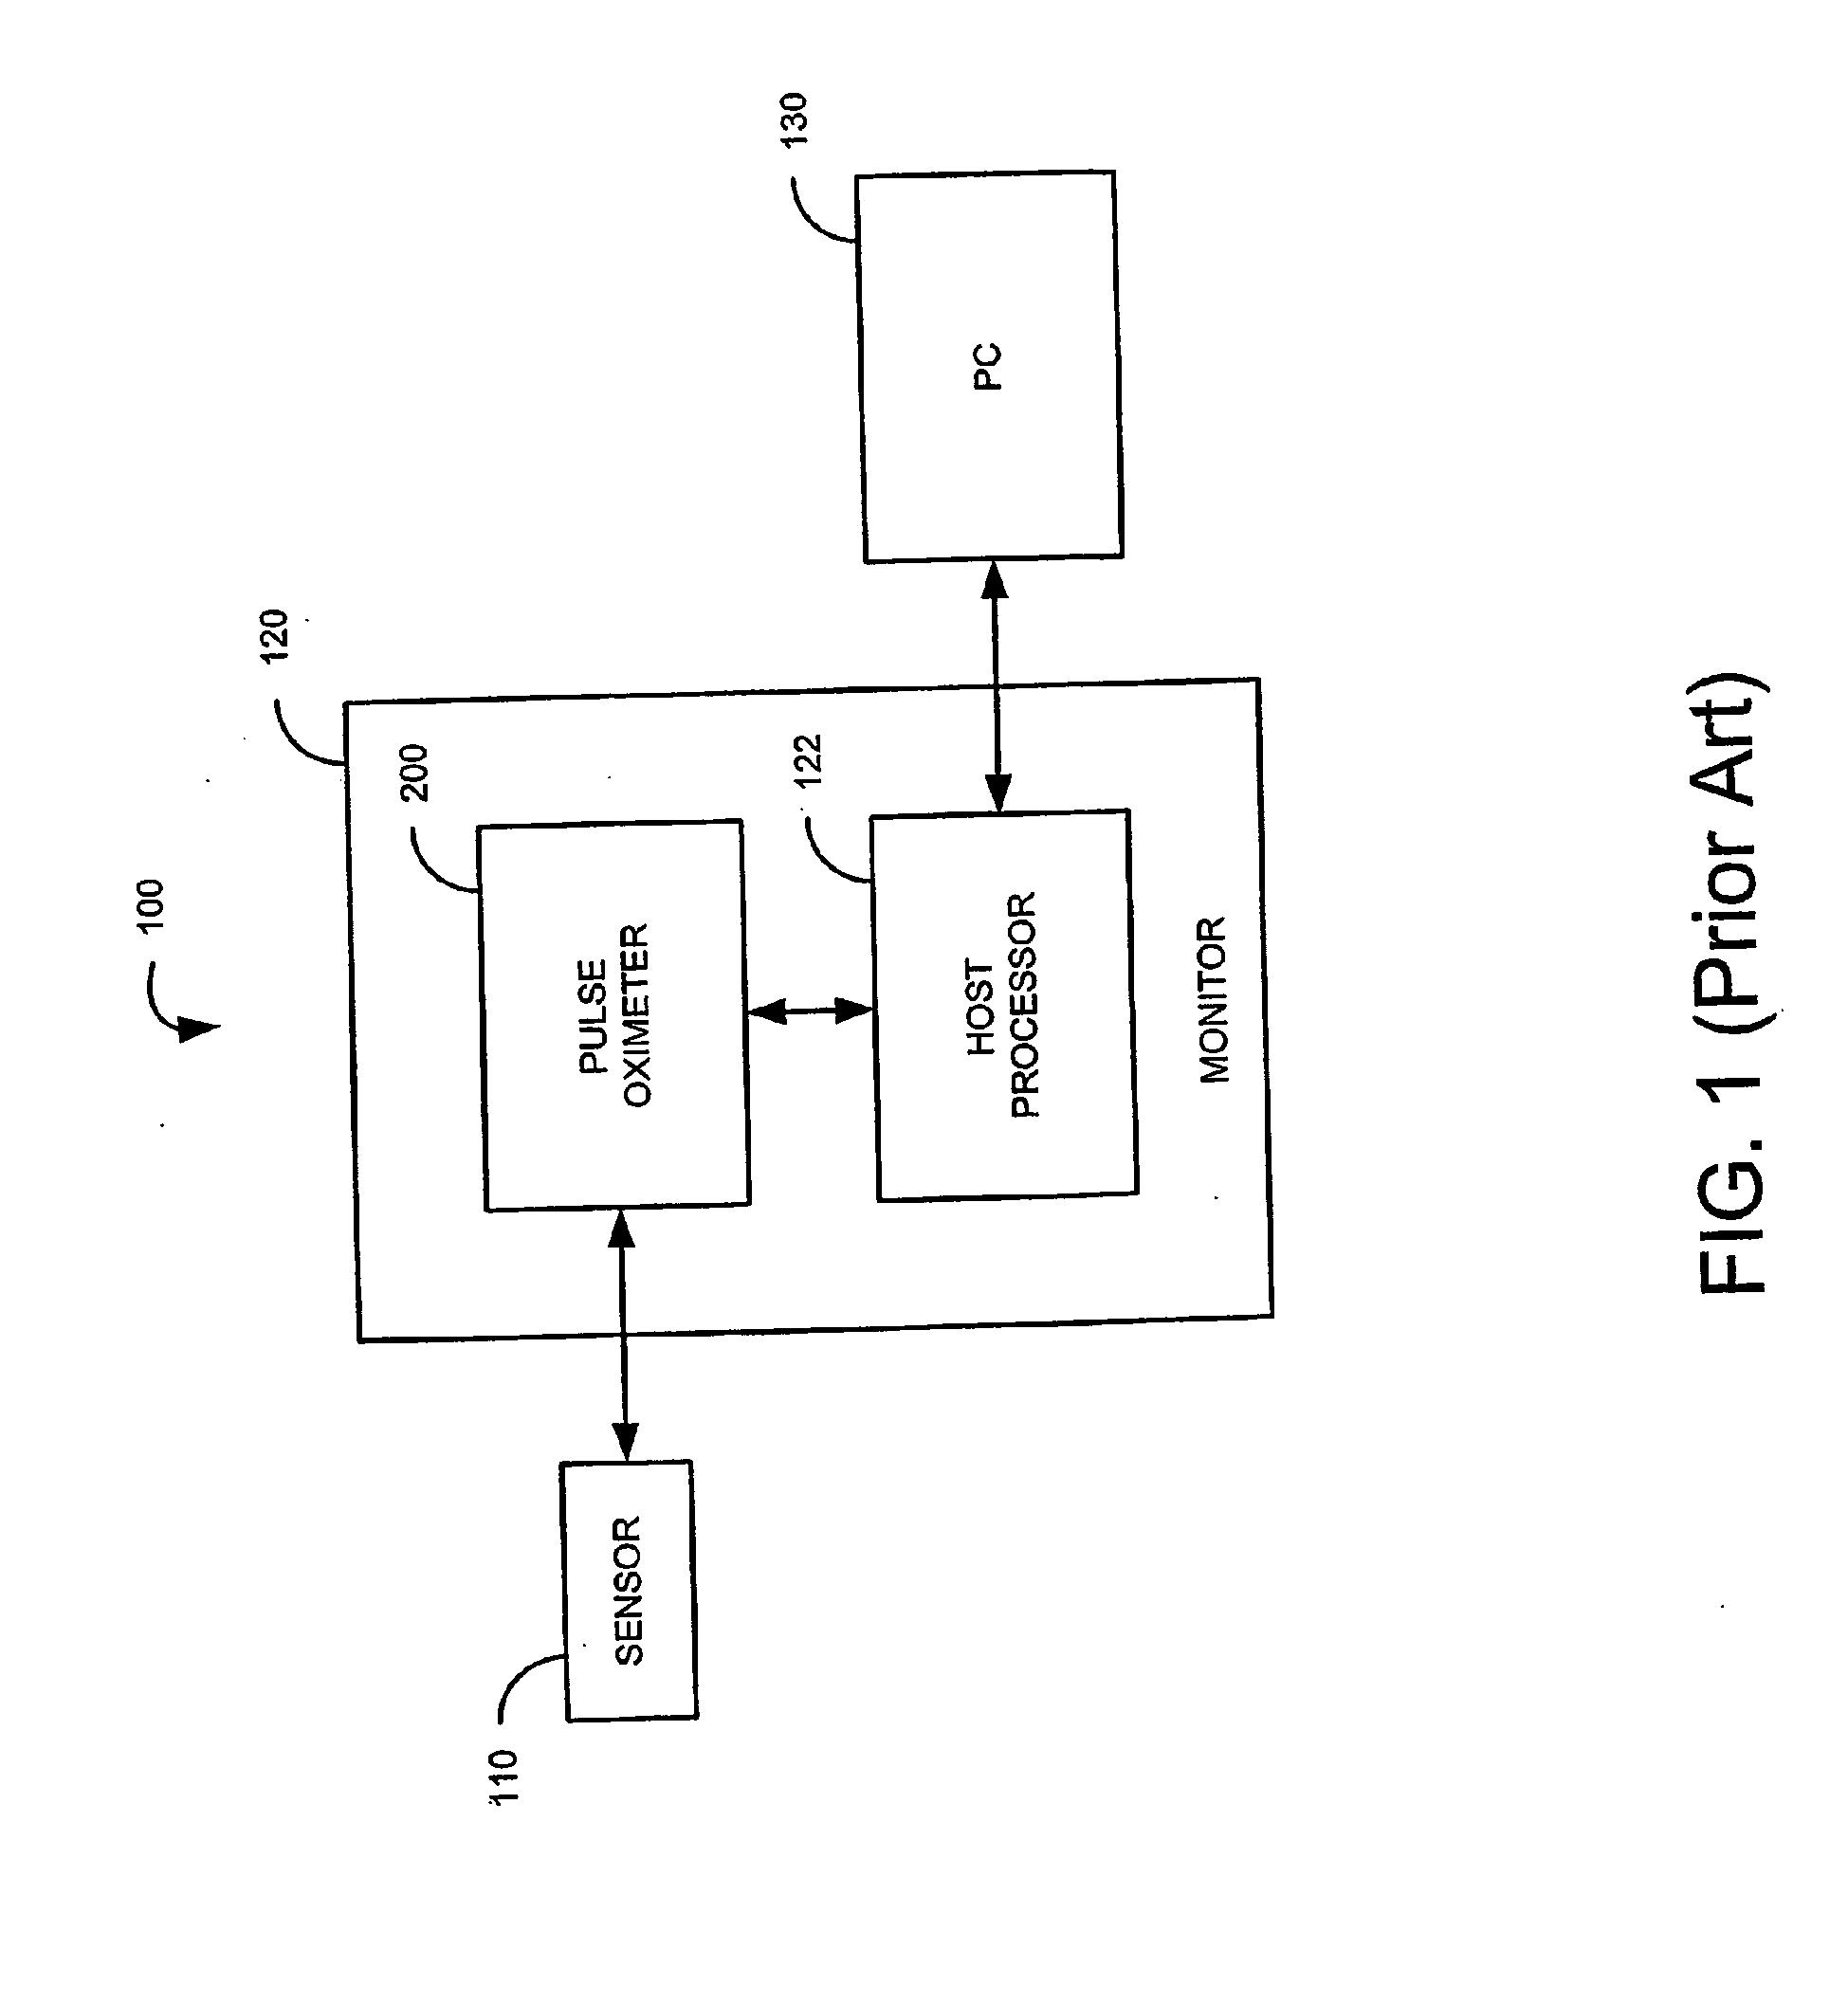 专利ep1651104b1 - multipurpose sensor port